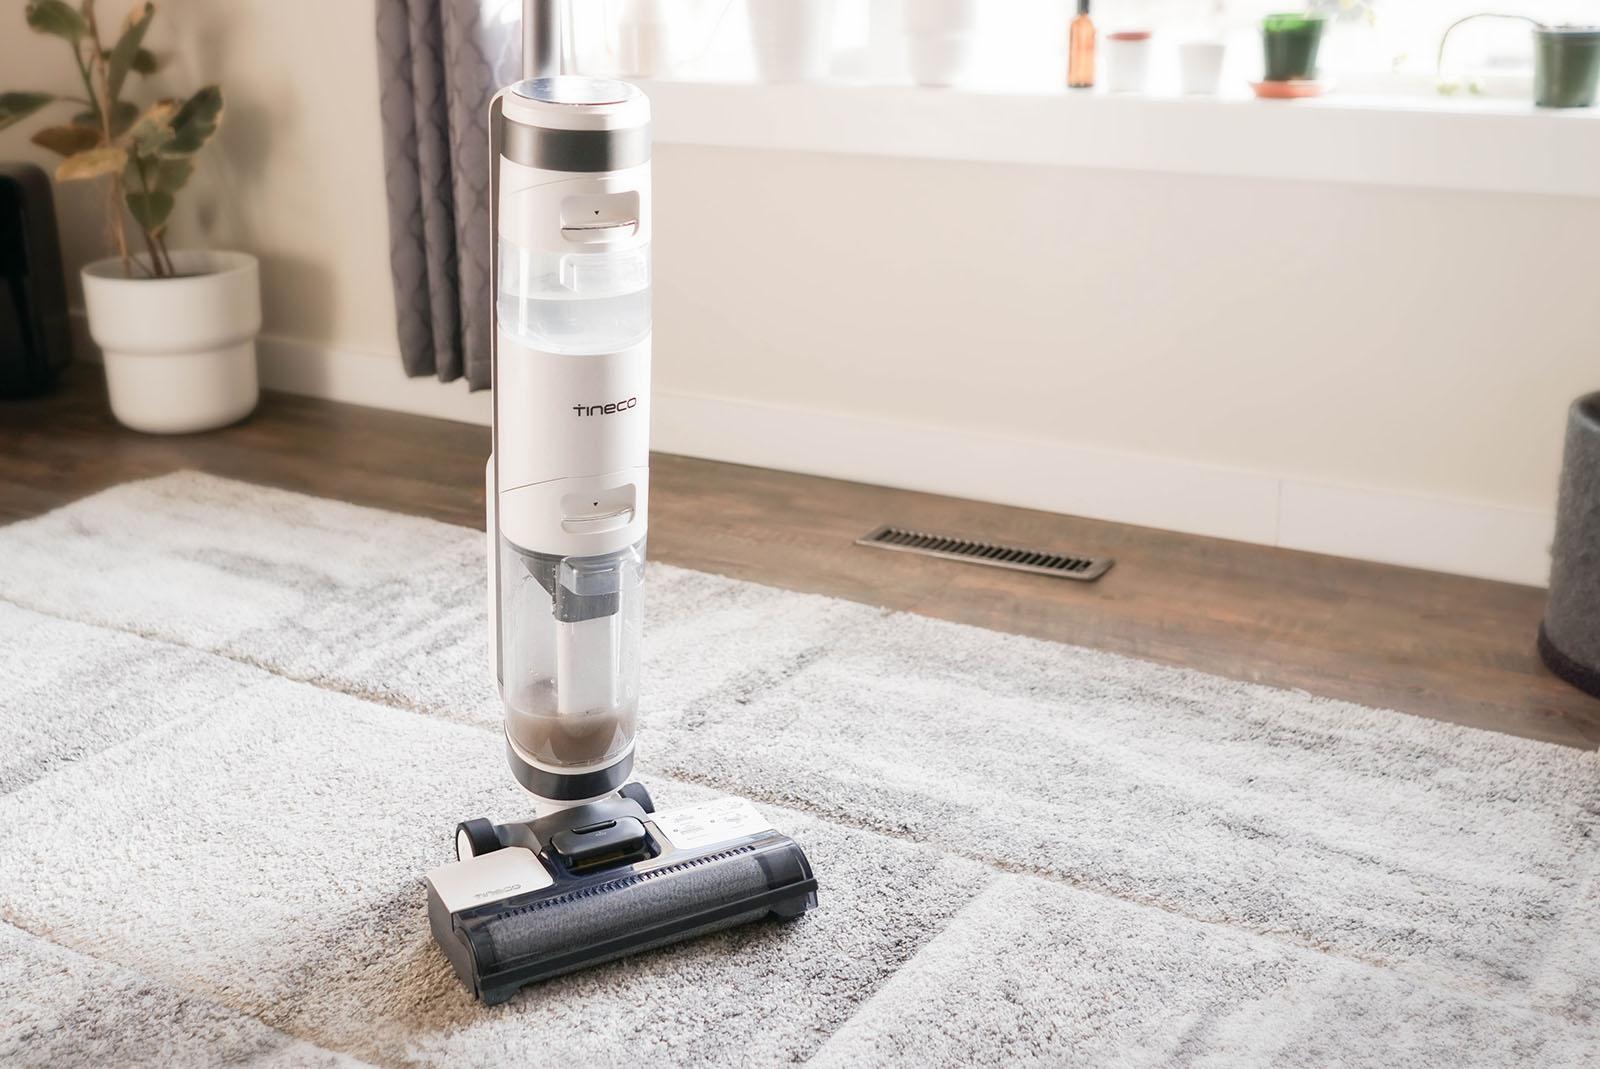 Tineco iFloor 3 Wet-Dry Upright Vacuum effective dirty